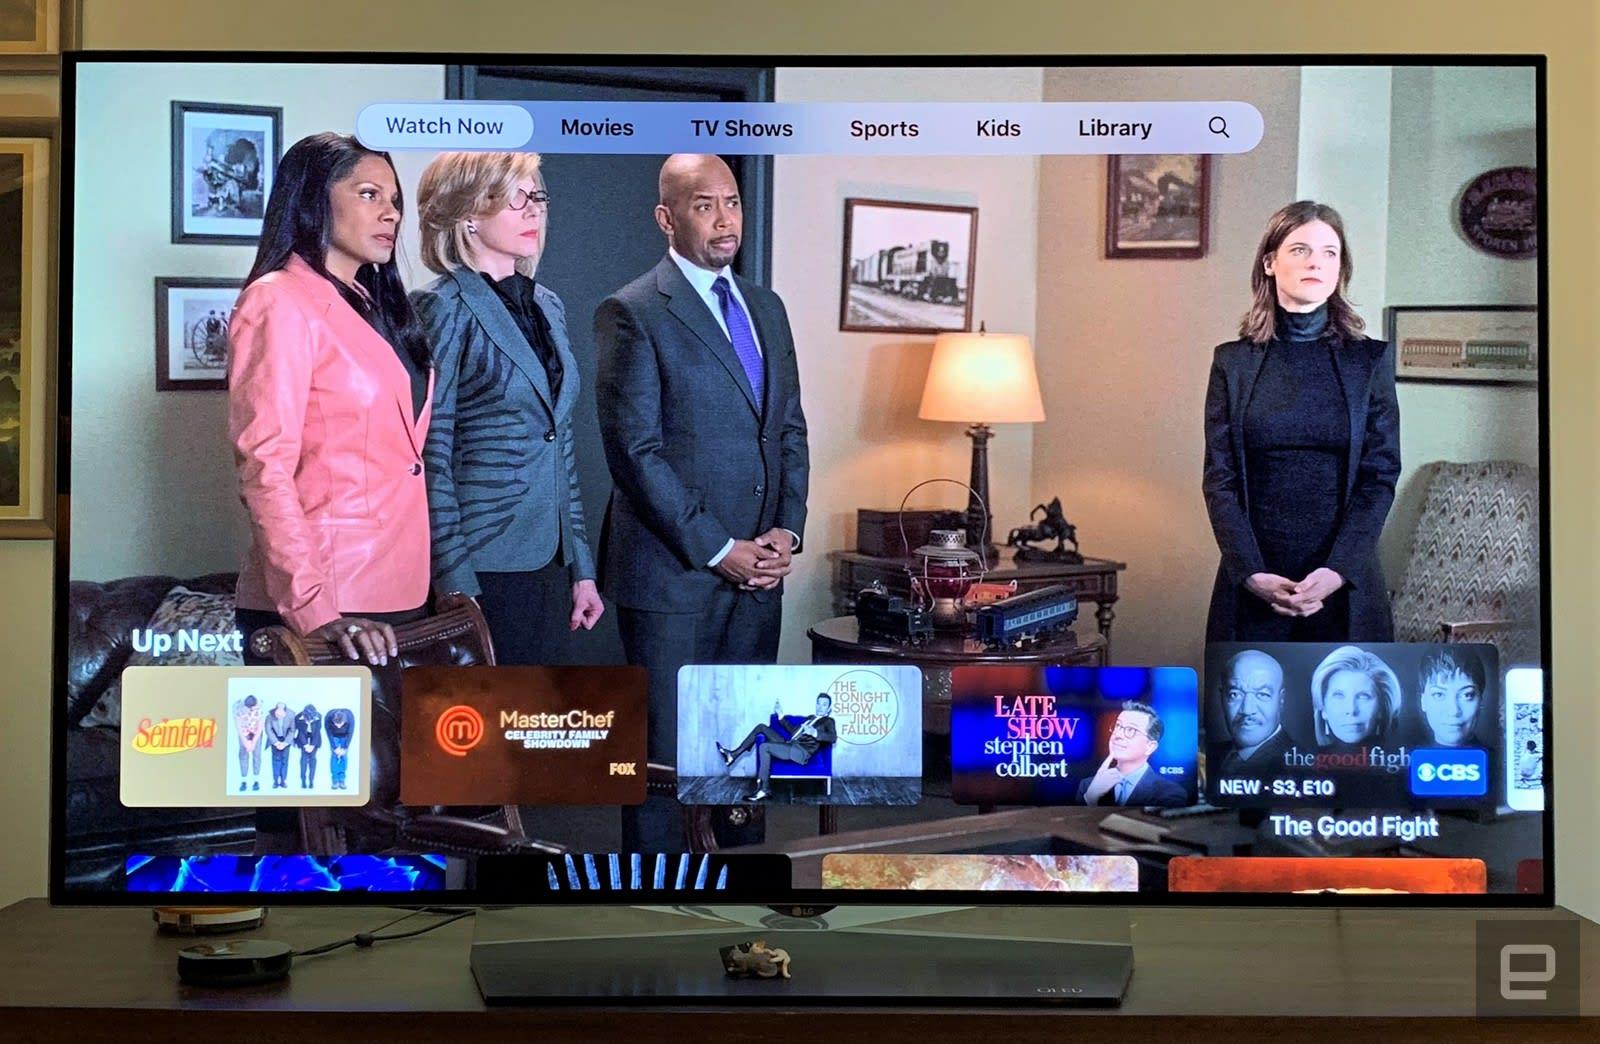 Apple's new TV app is a work in progress